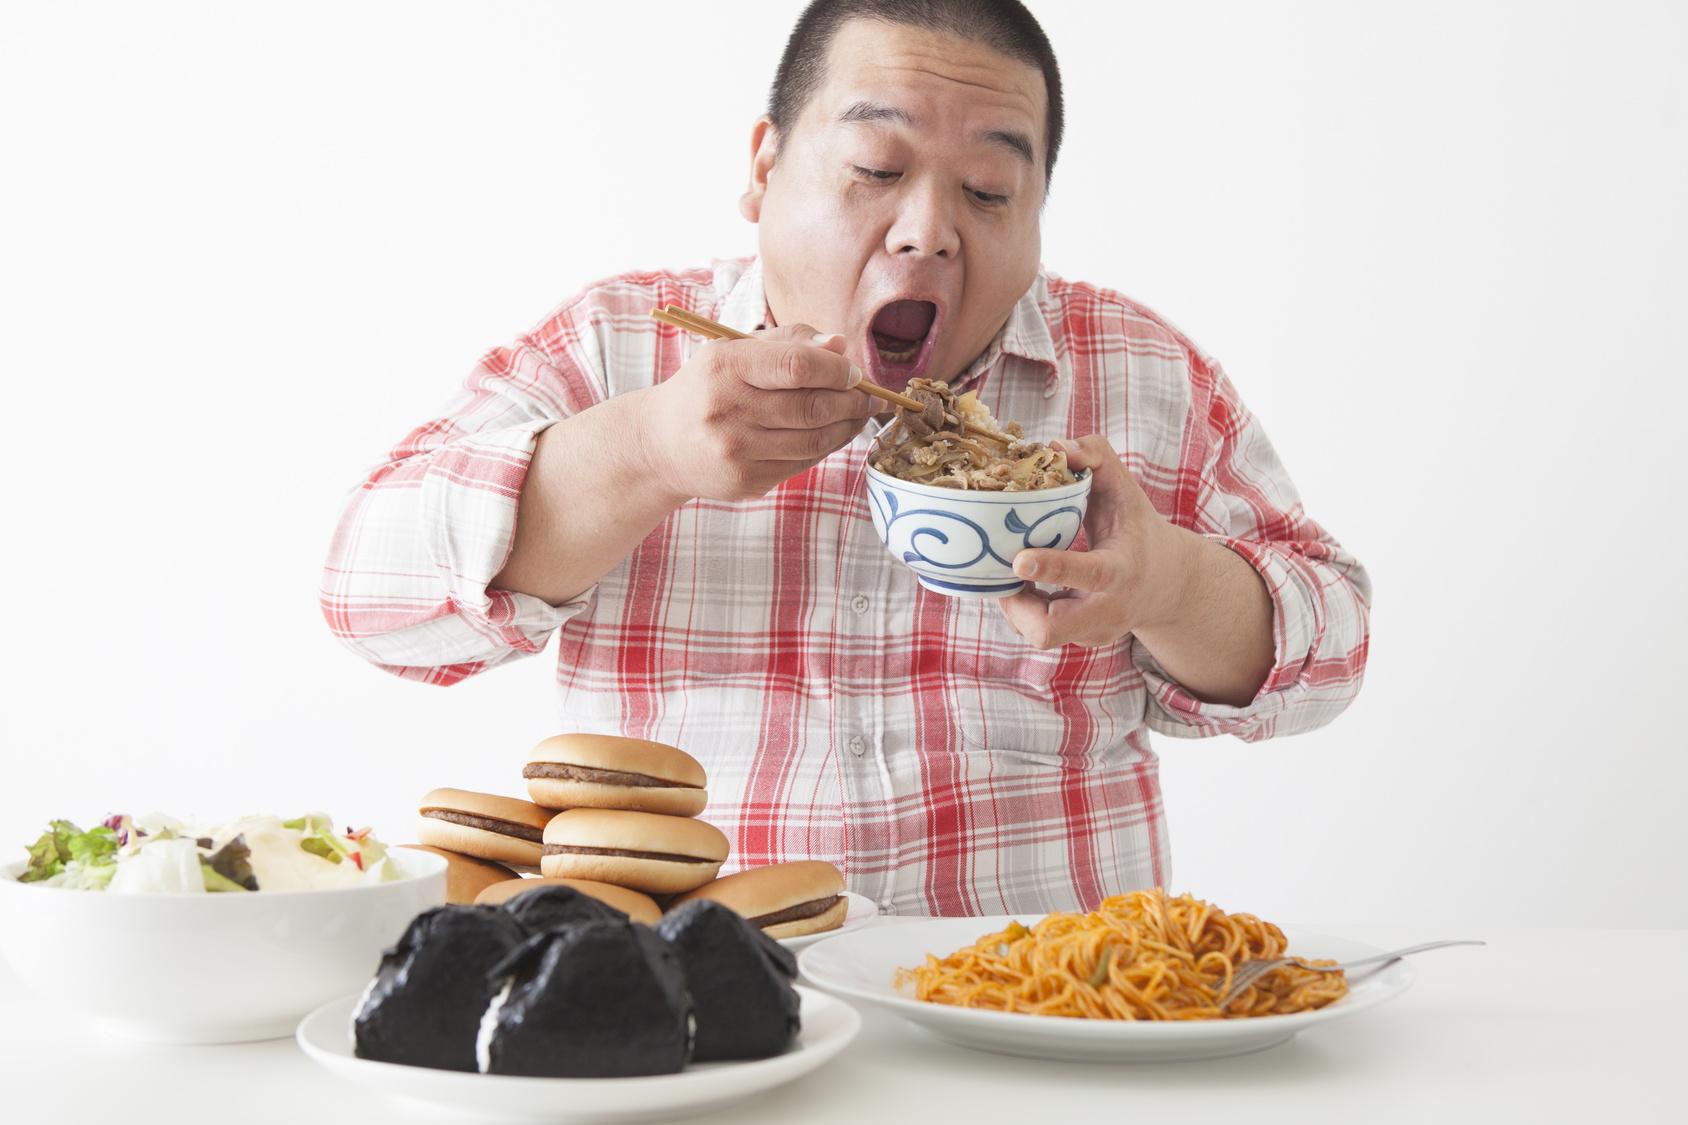 中性脂肪 高い